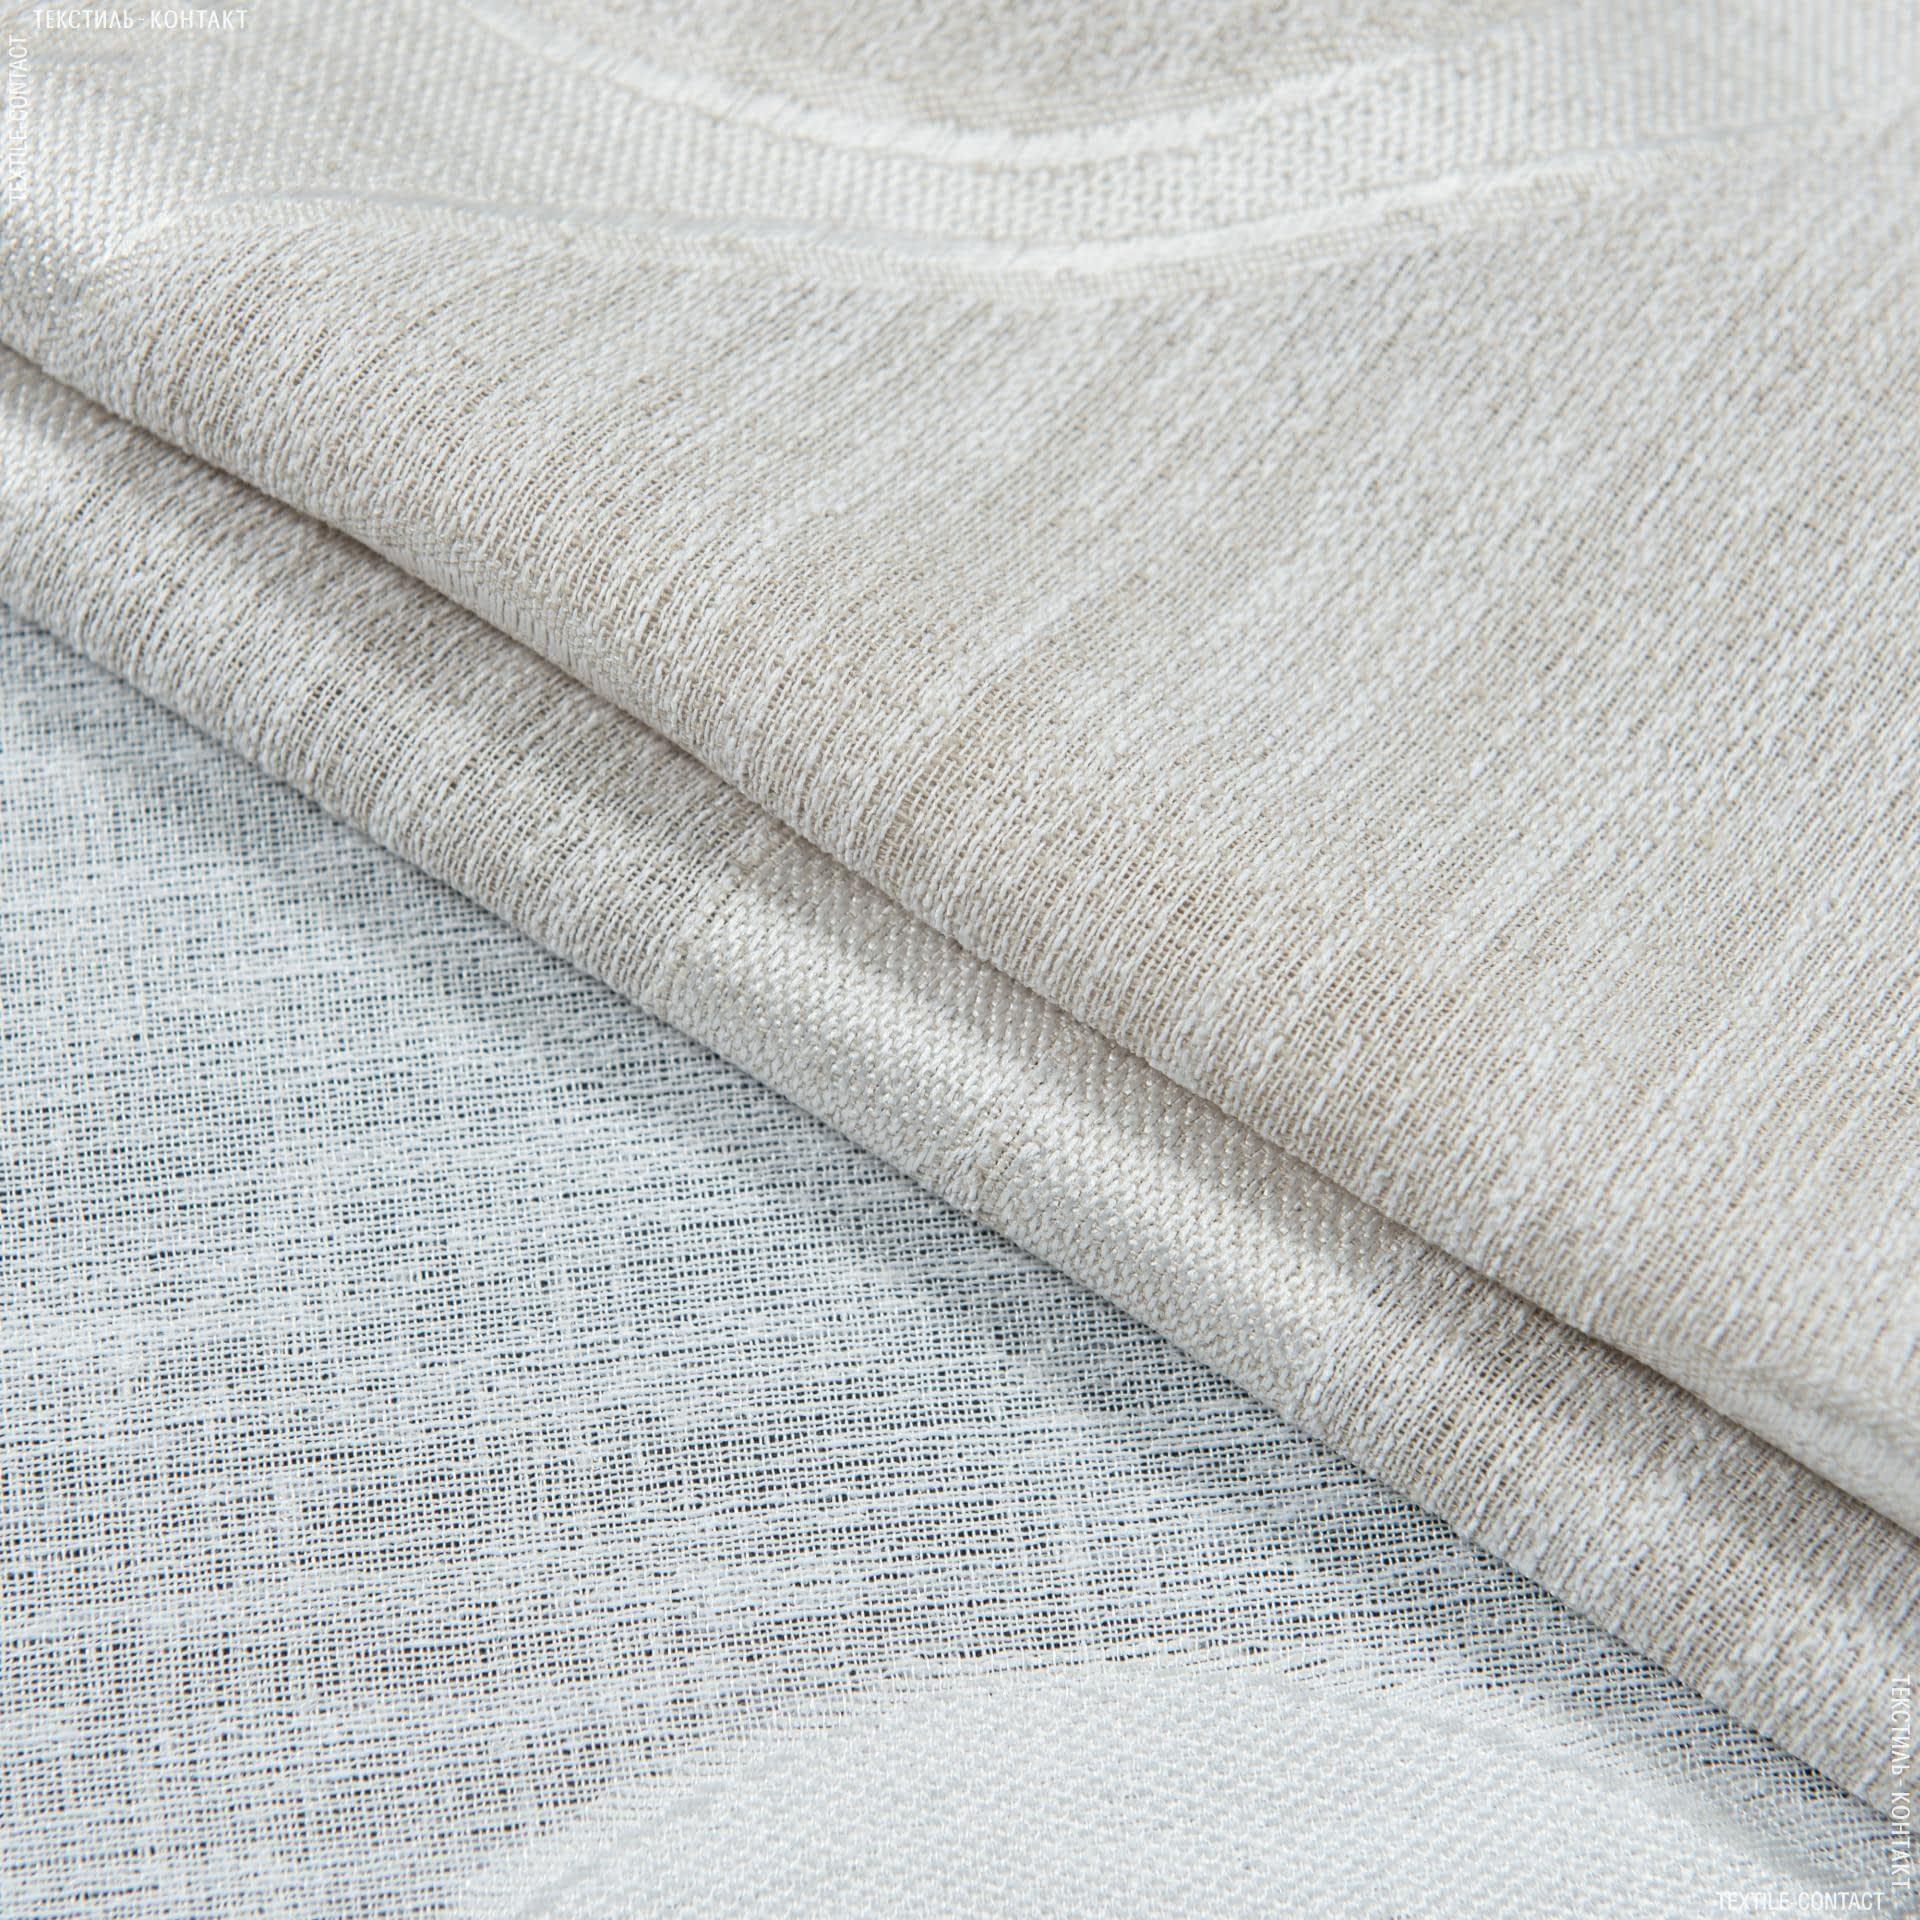 Ткани гардинные ткани - Тюль с утяжелителем прага /praga  св.беж